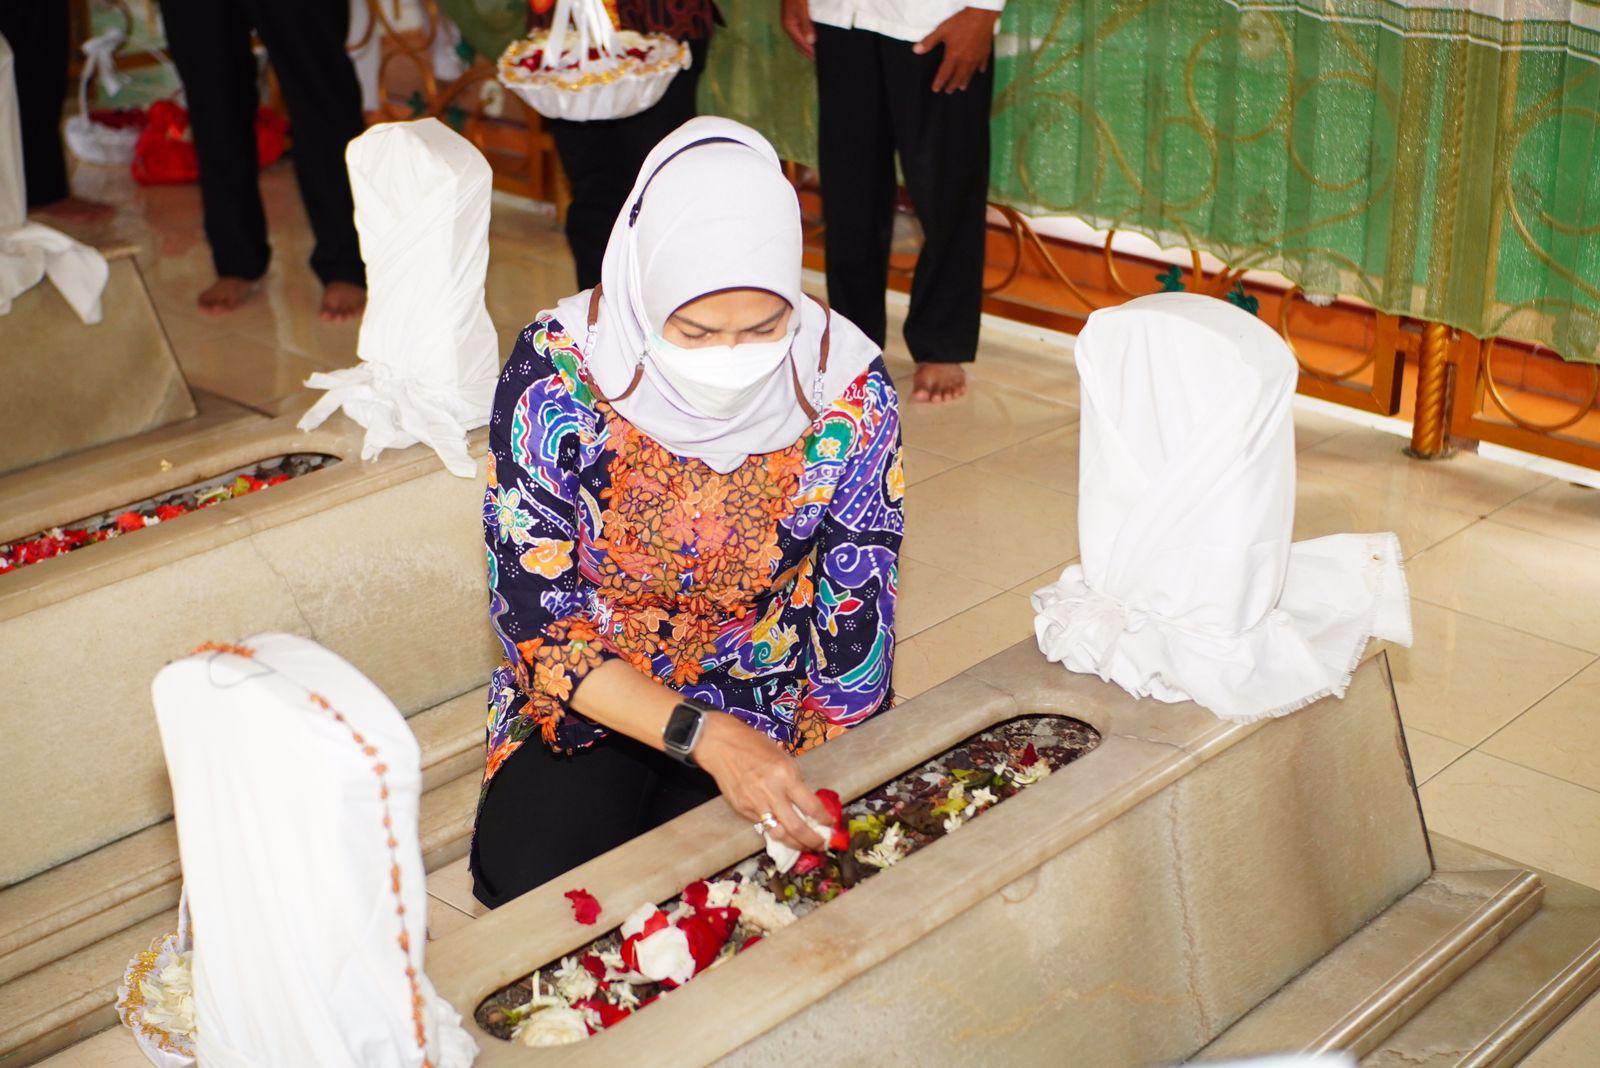 Wali Kota Batu Dewanti Rumpoko ziarah ke makam para leluhur Kota Batu, Jumat (15/10/2021). (Foto: Diskominfo KWB/Tugu Jatim)